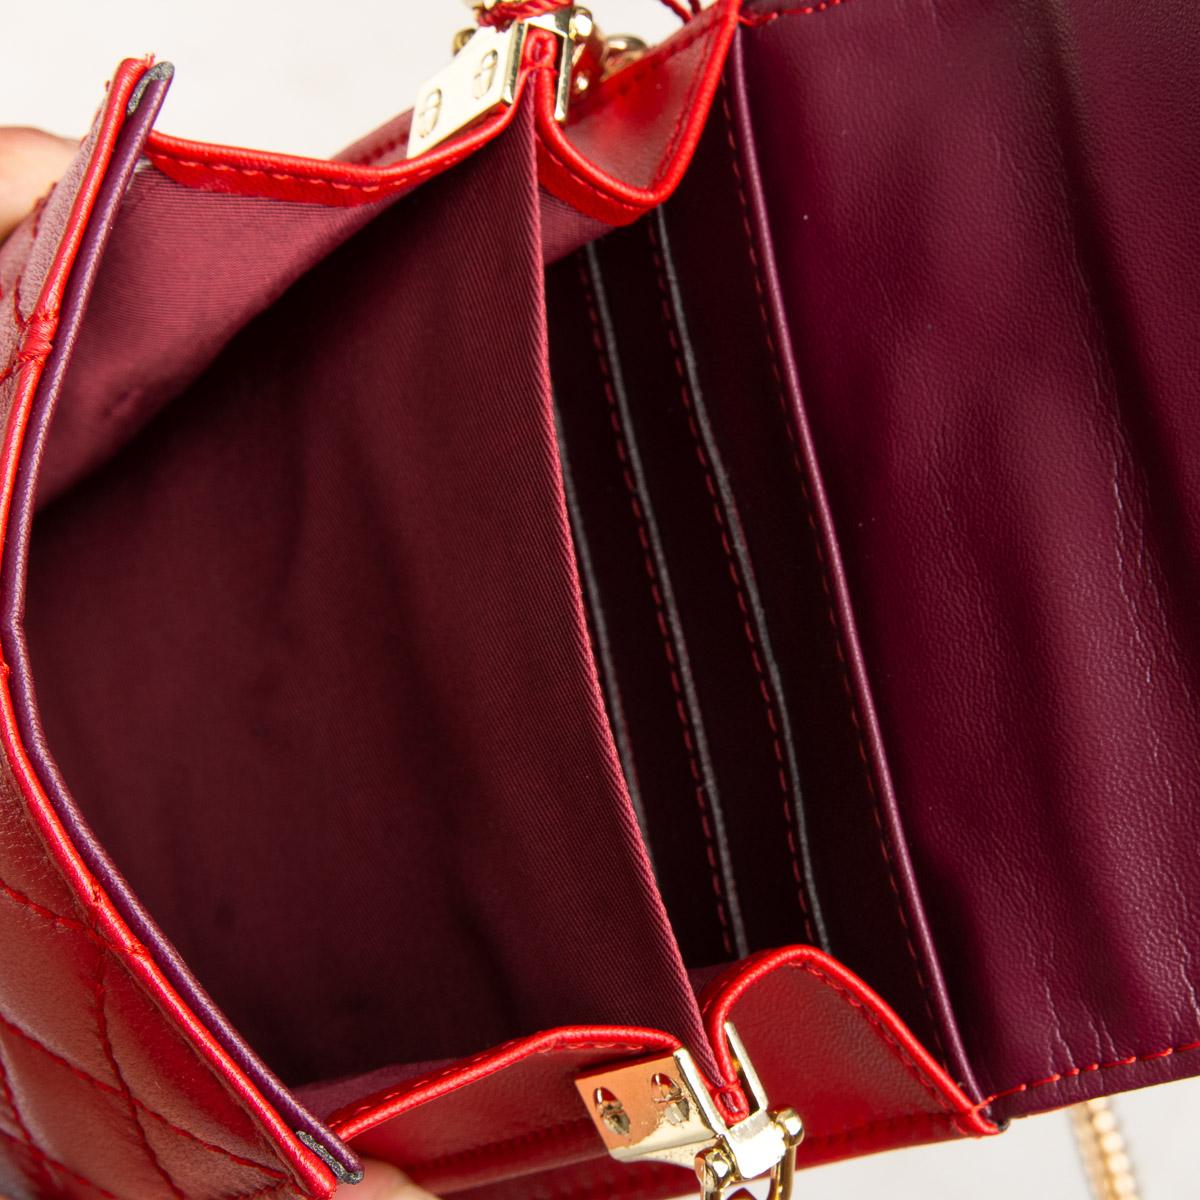 Сумка Женская Клатч кожа ALEX RAI 03-1 1038 red - фото 5